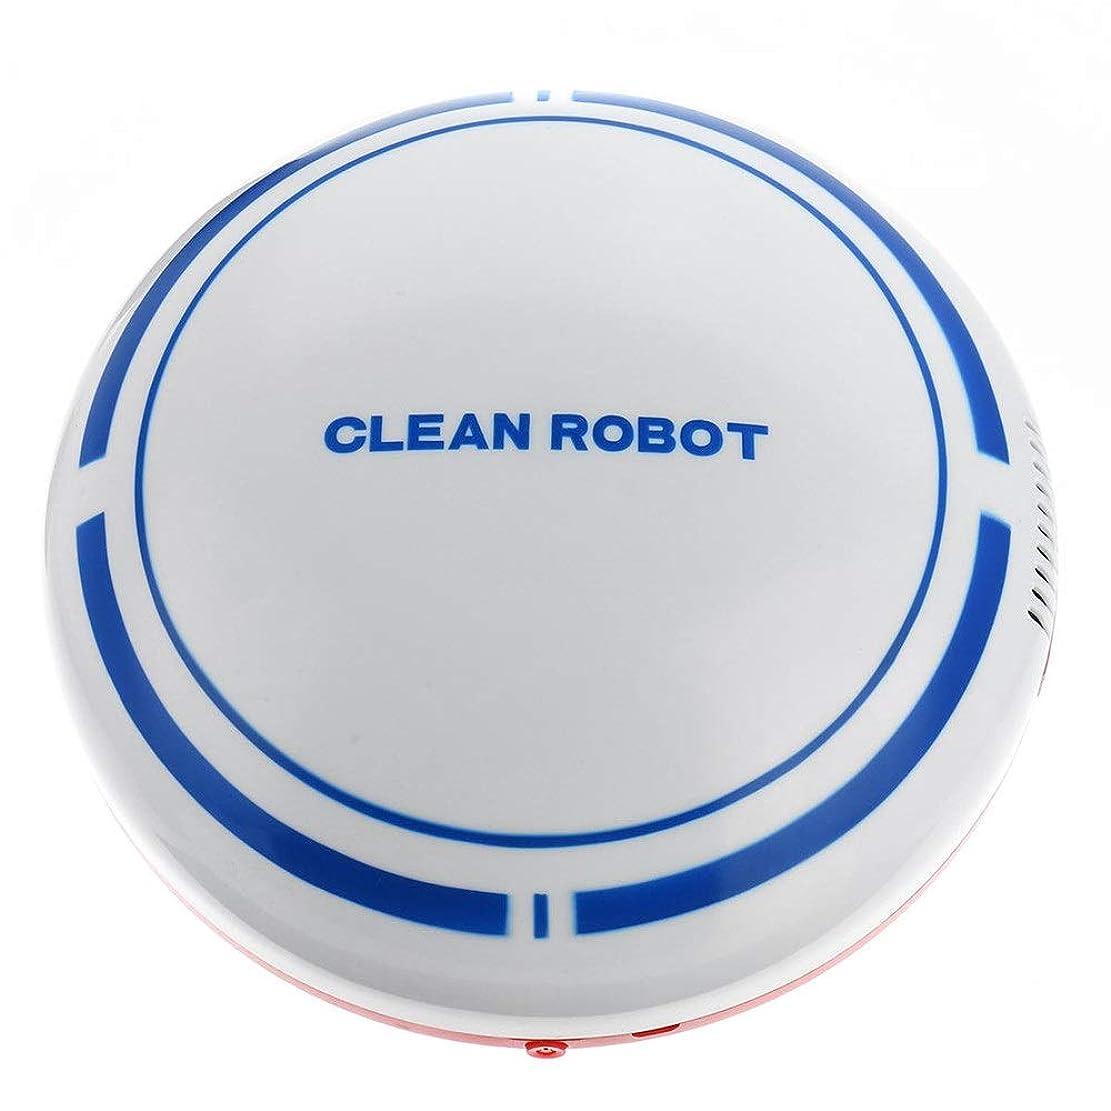 ブルーベルコンベンション判定掃除機 ホーム用のマシンを掃く自動充電式スマート掃除機フロアクリーナー コードレス掃除機 (色 : White, Size : One size)